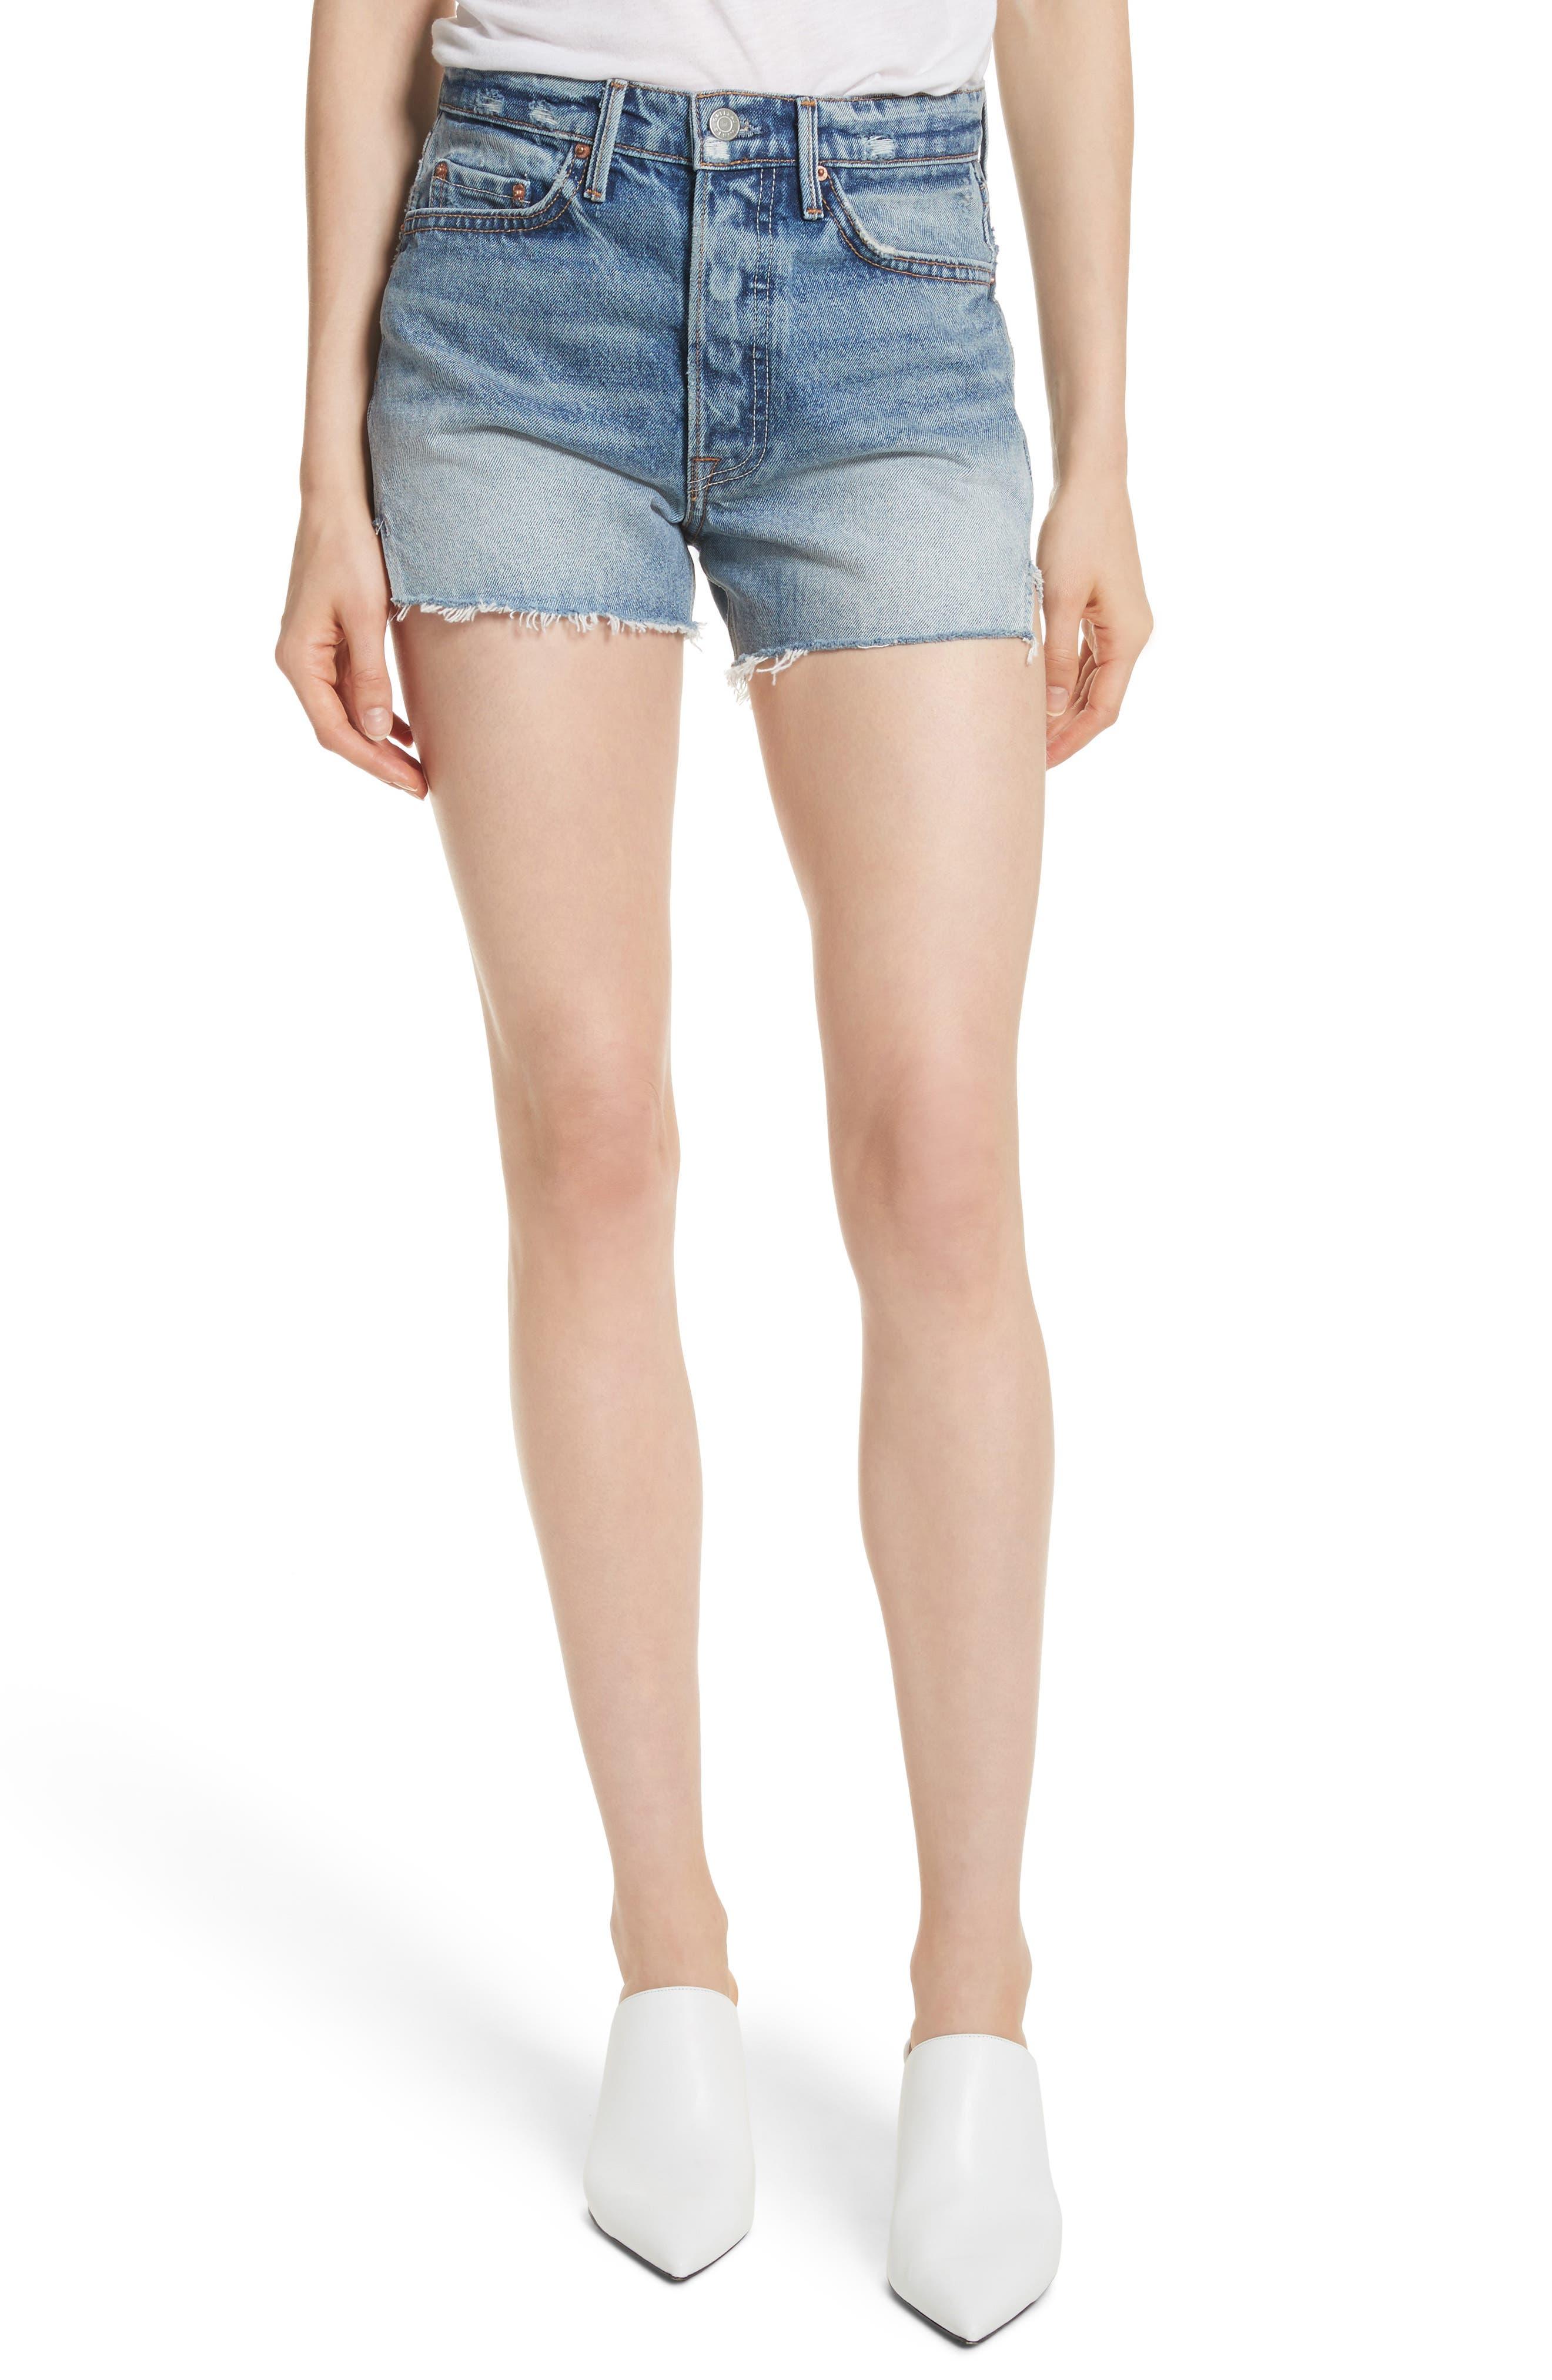 GRLFRND Mardee Denim Shorts (Twisted)